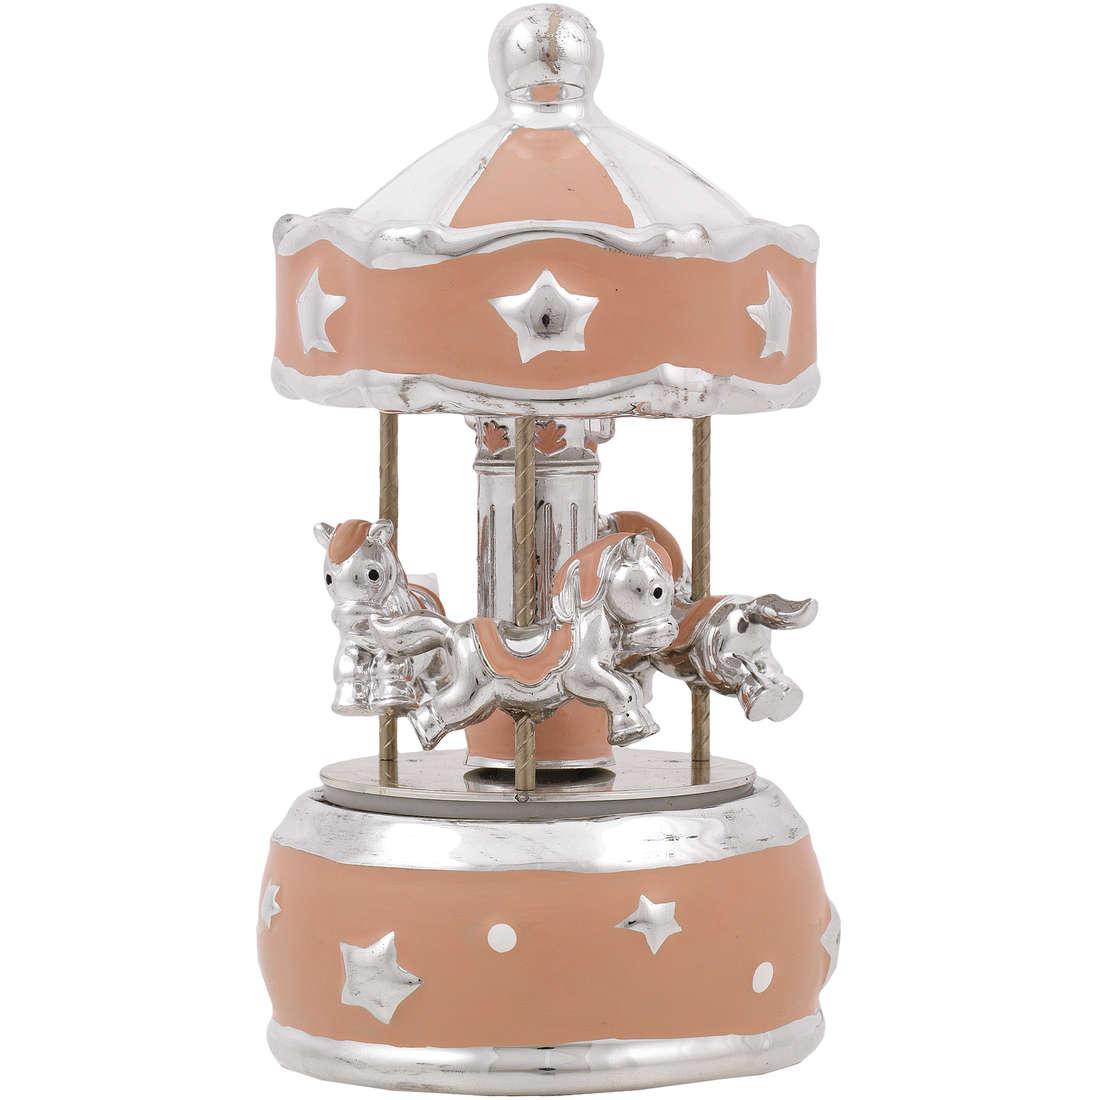 accessori neonato Bagutta Baguttino B 4172-02 R